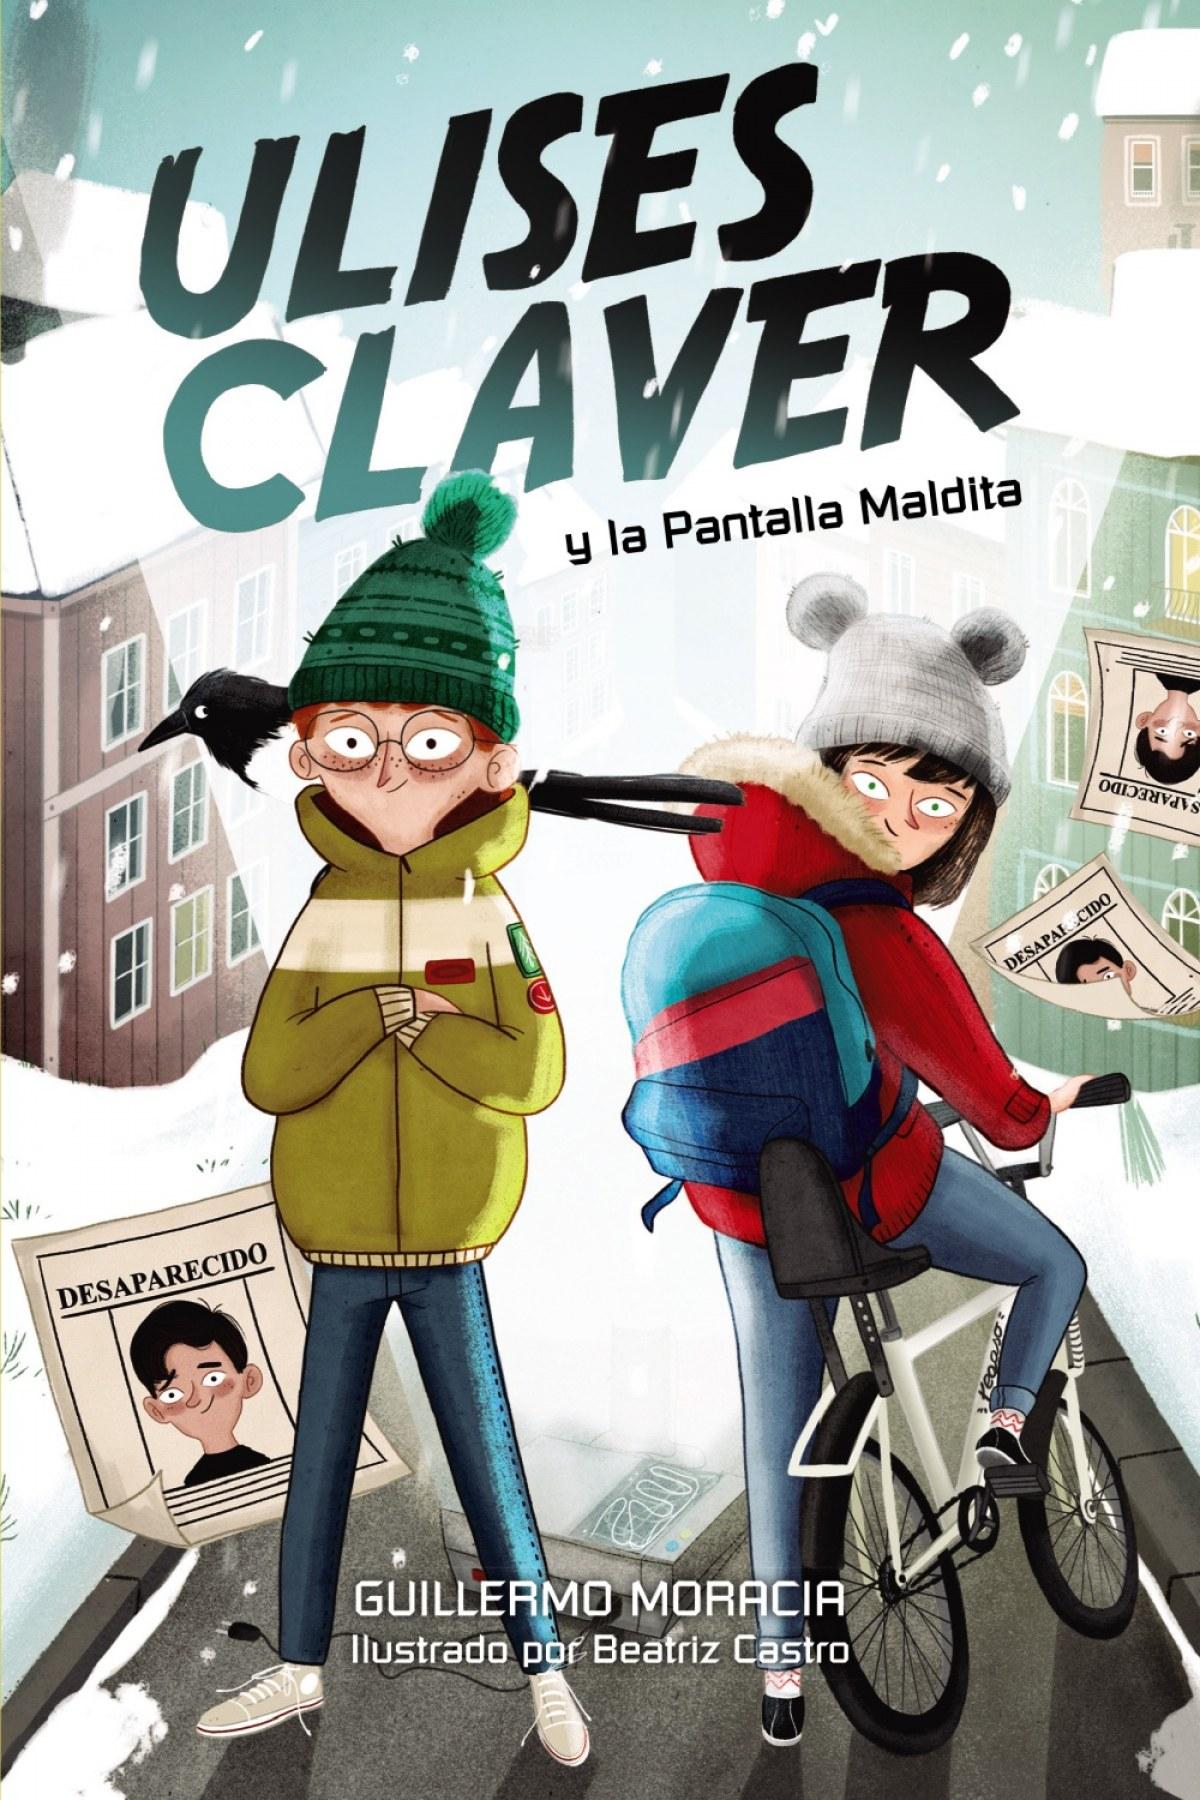 ULISES CLAVER Y LA PANTALLA MALDITA 9788469848739